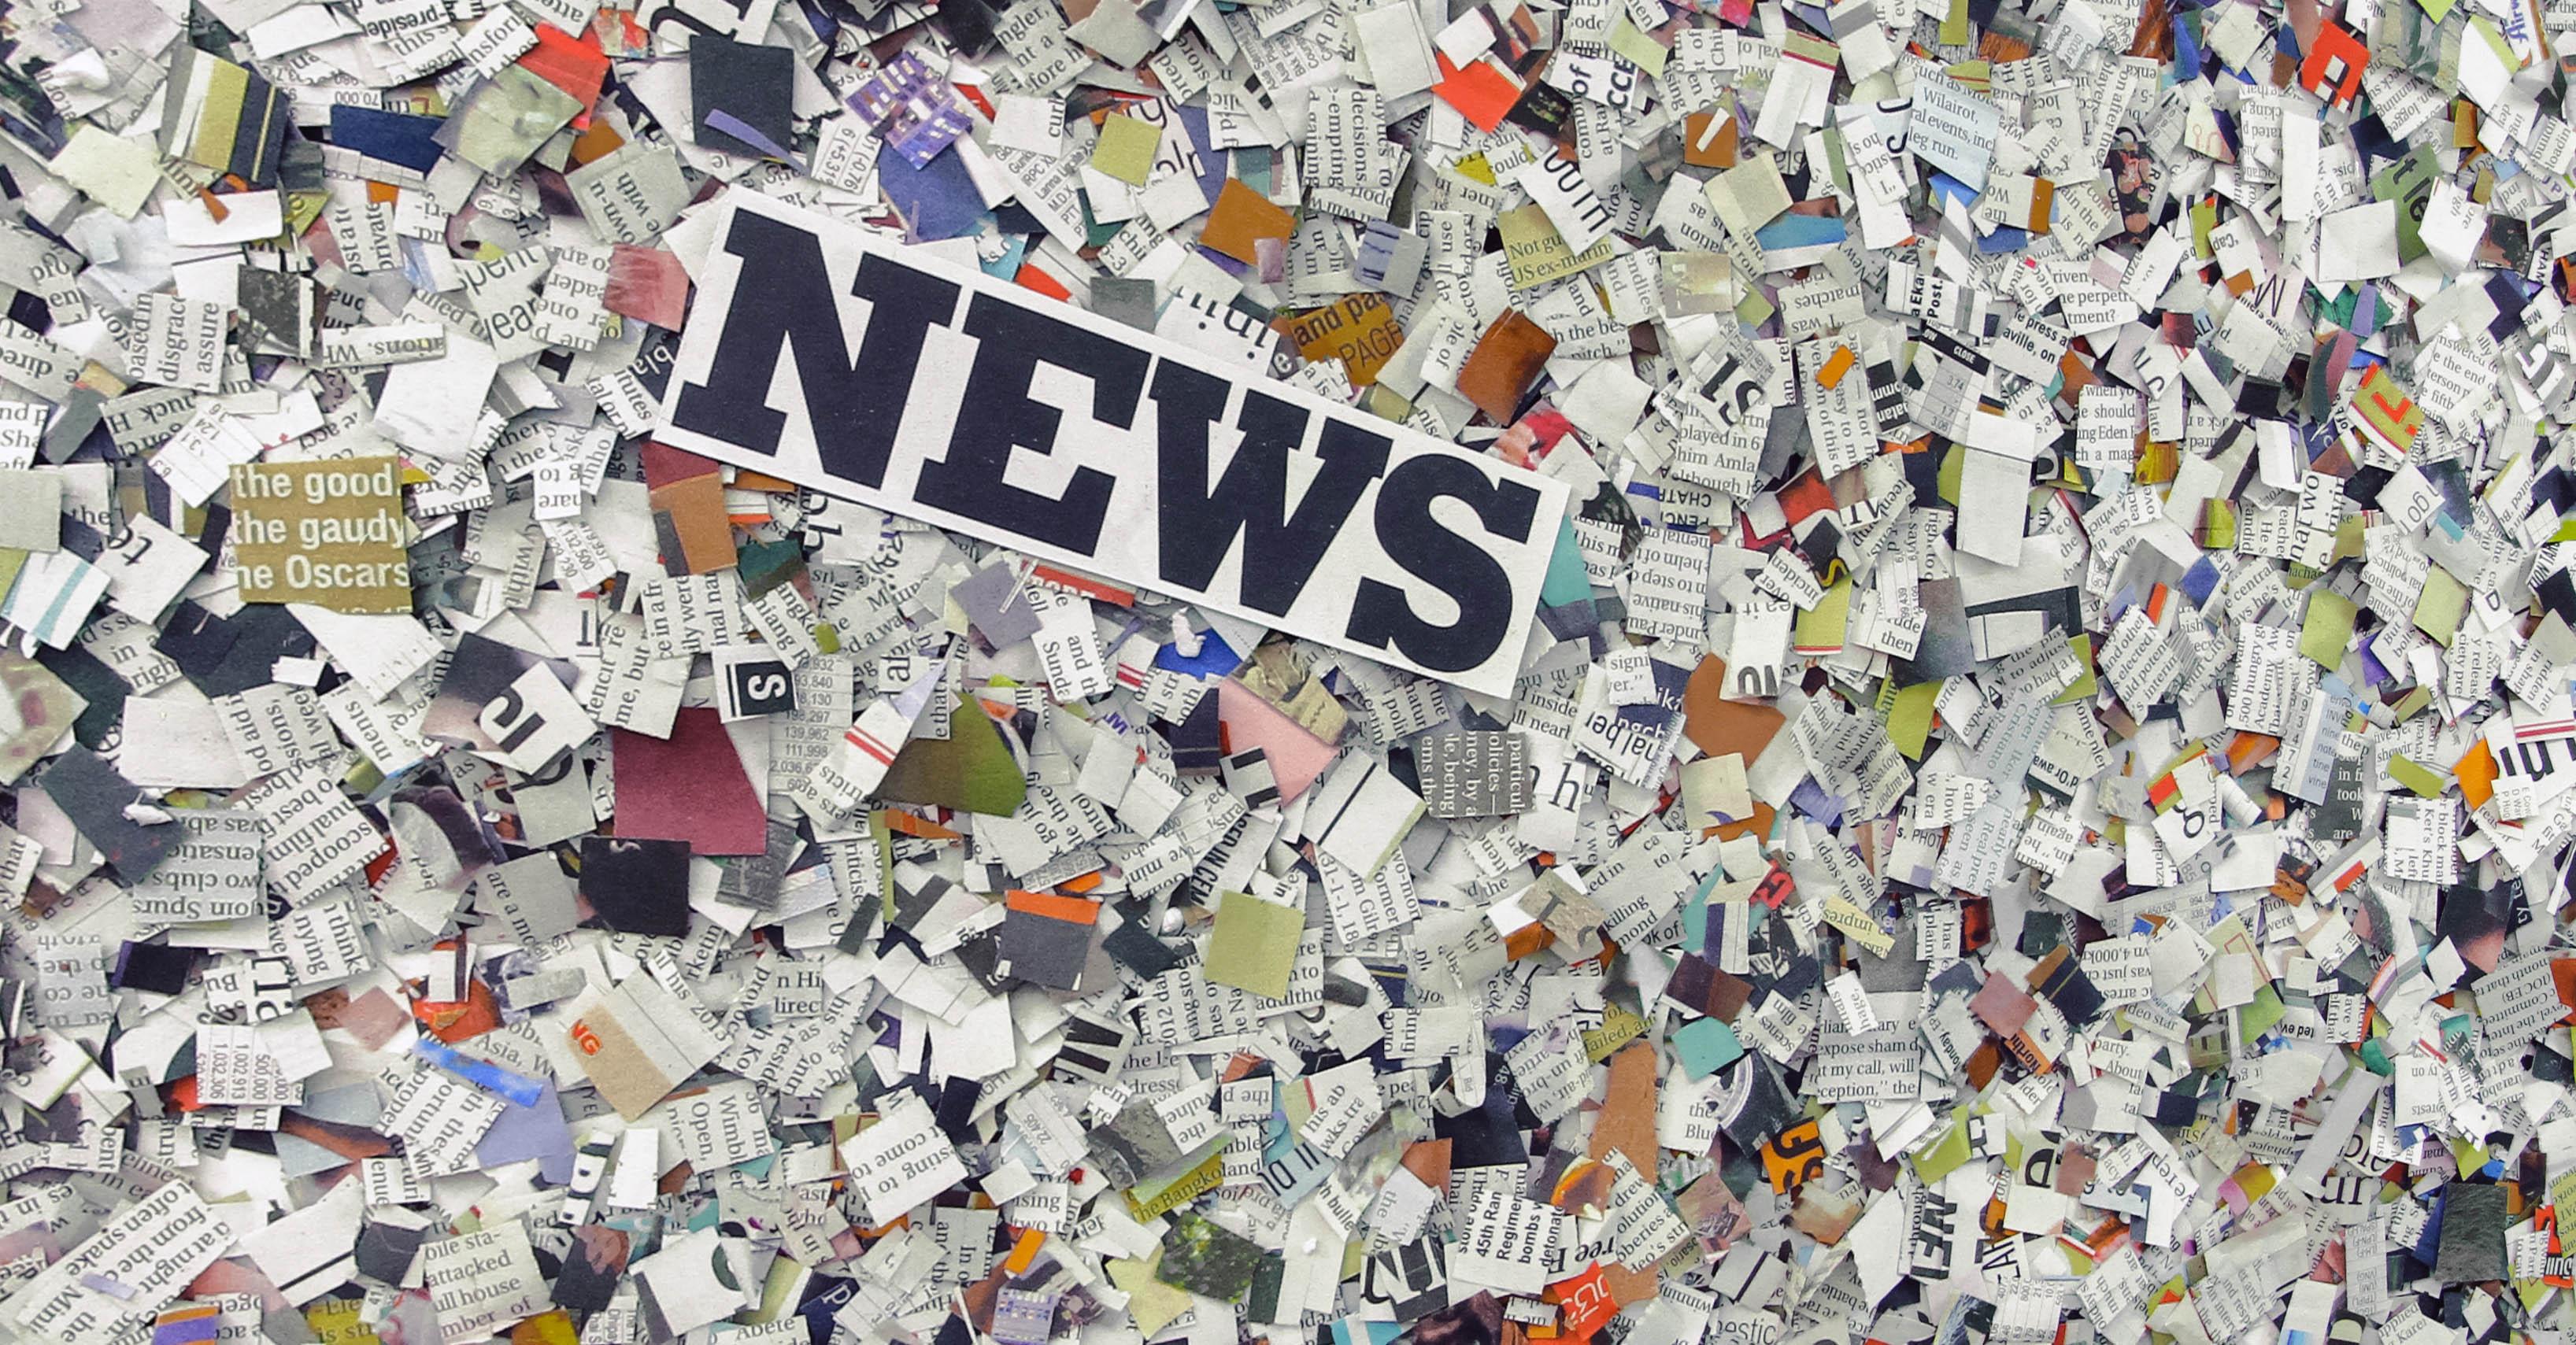 News står på tidningsurklippsconfetti.